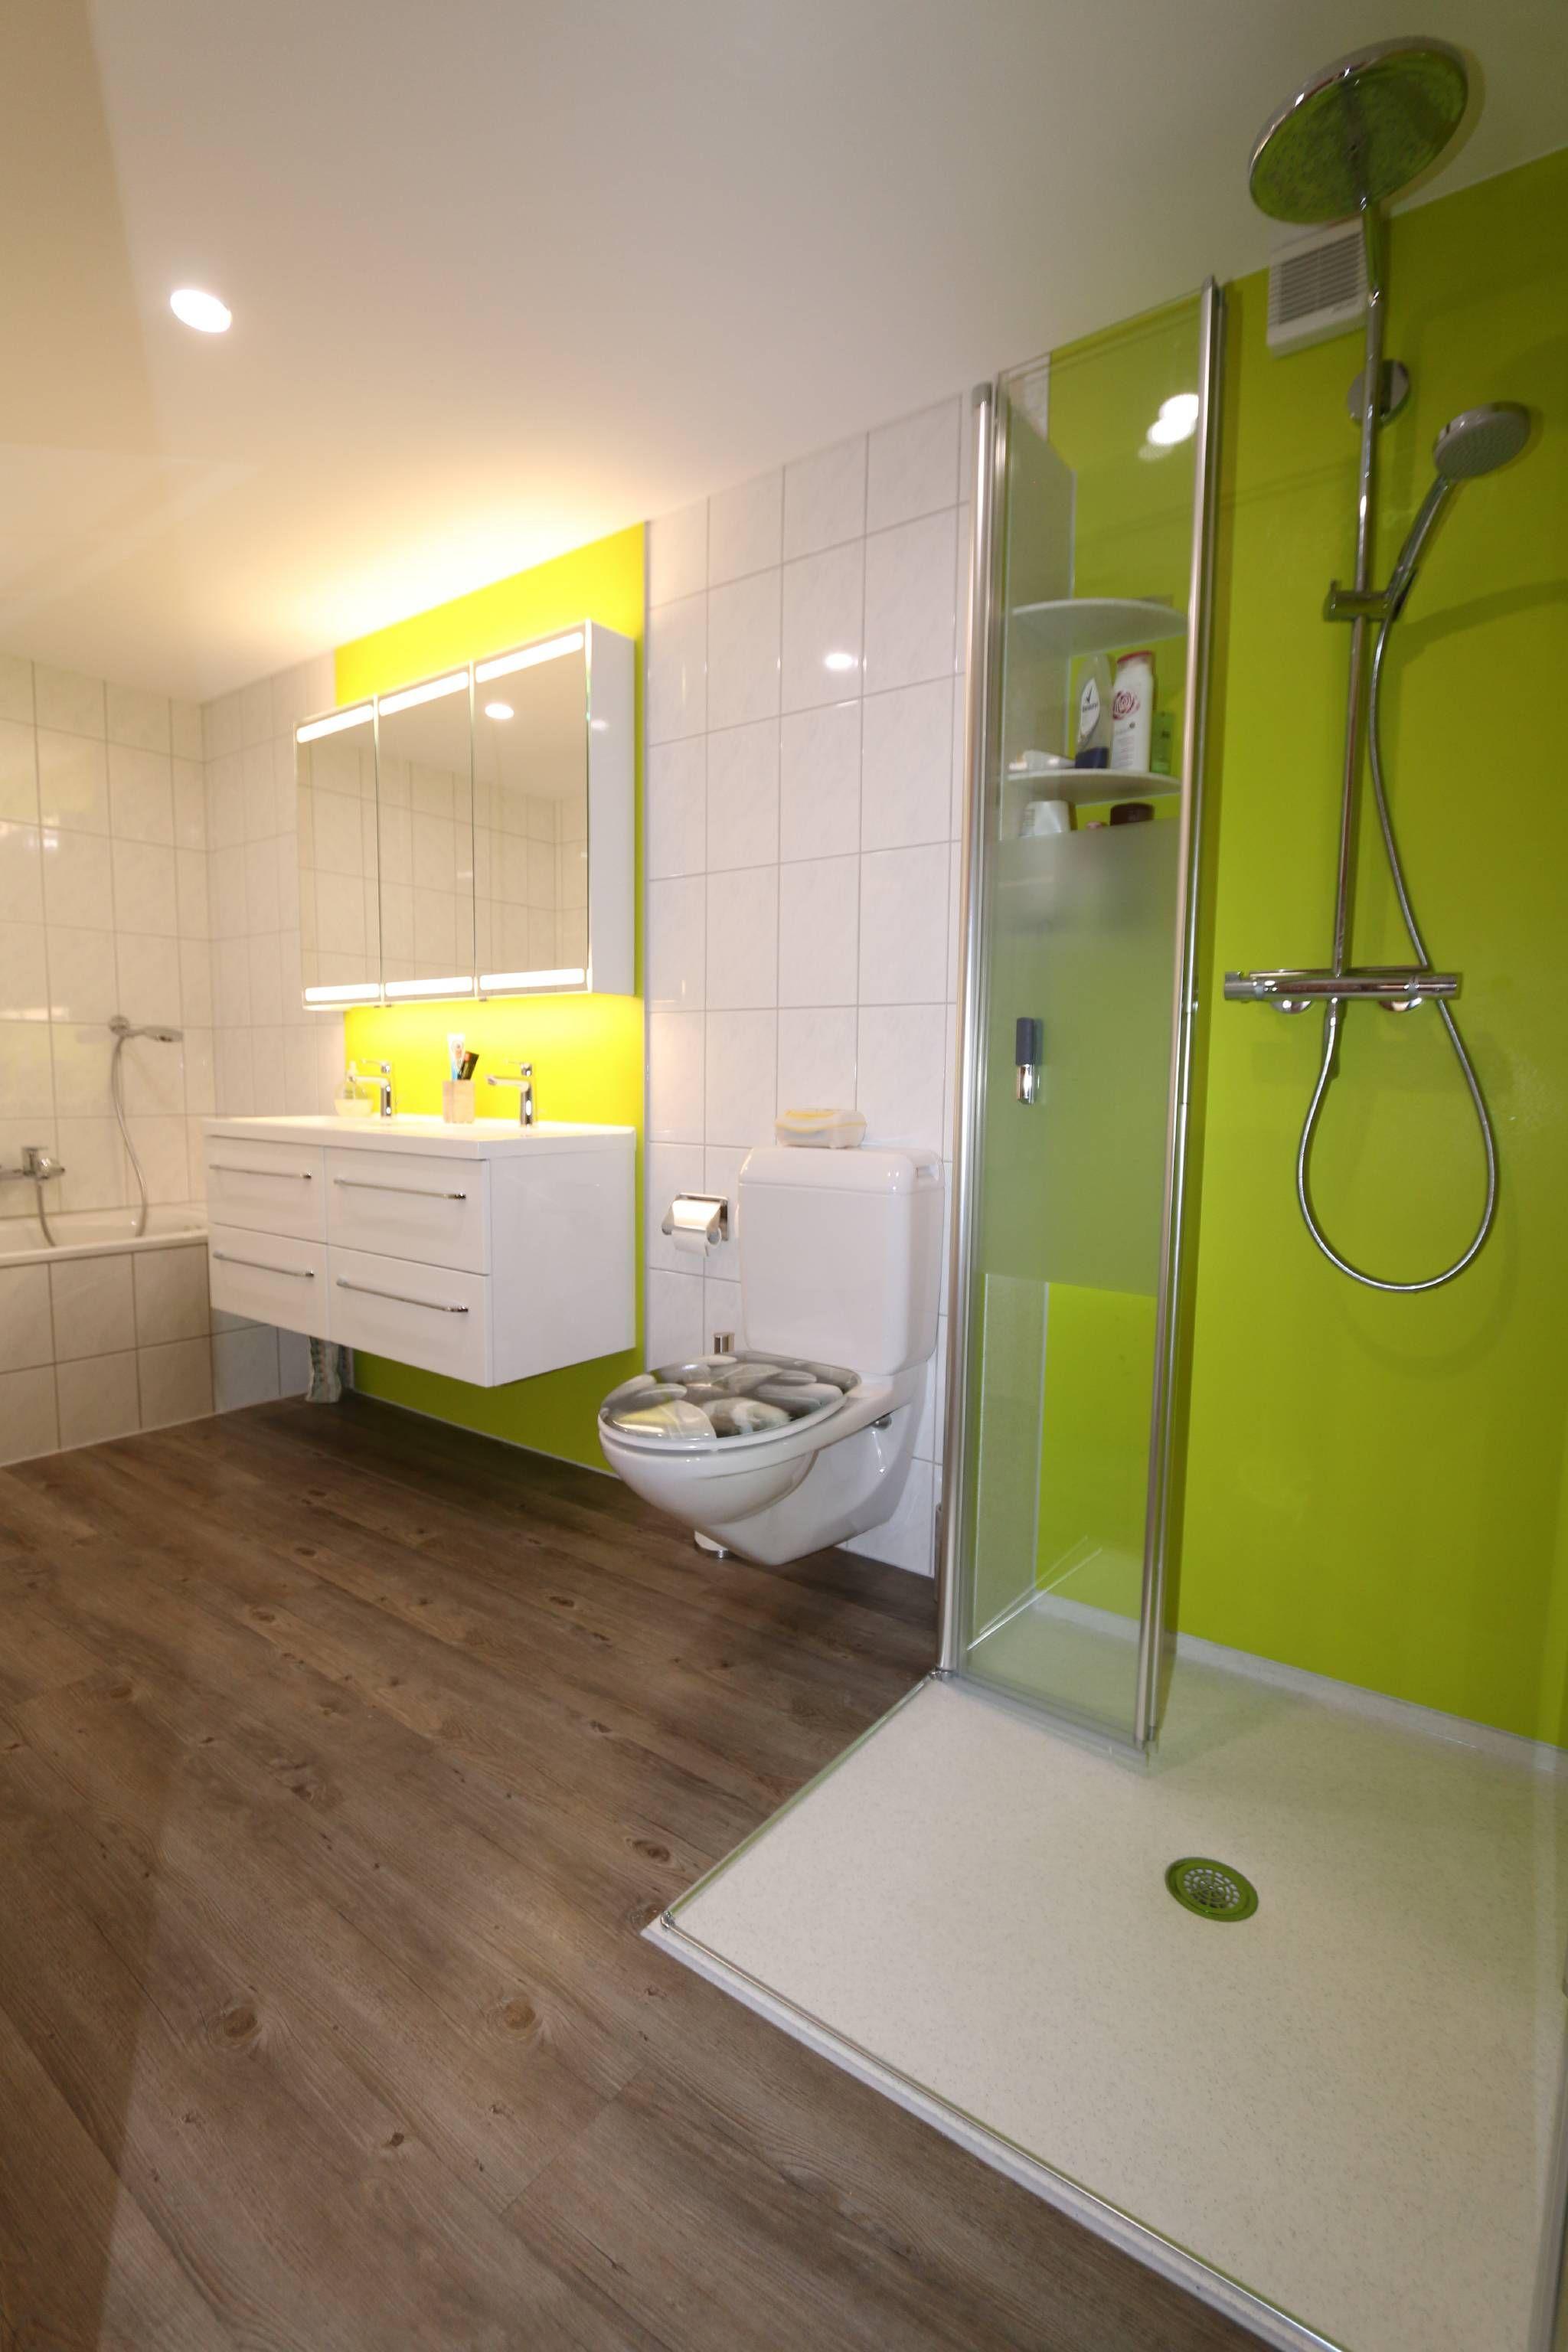 Modernes Badezimmer Von Viterma Badezimmerboden Badezimmer Boden Badezimmer